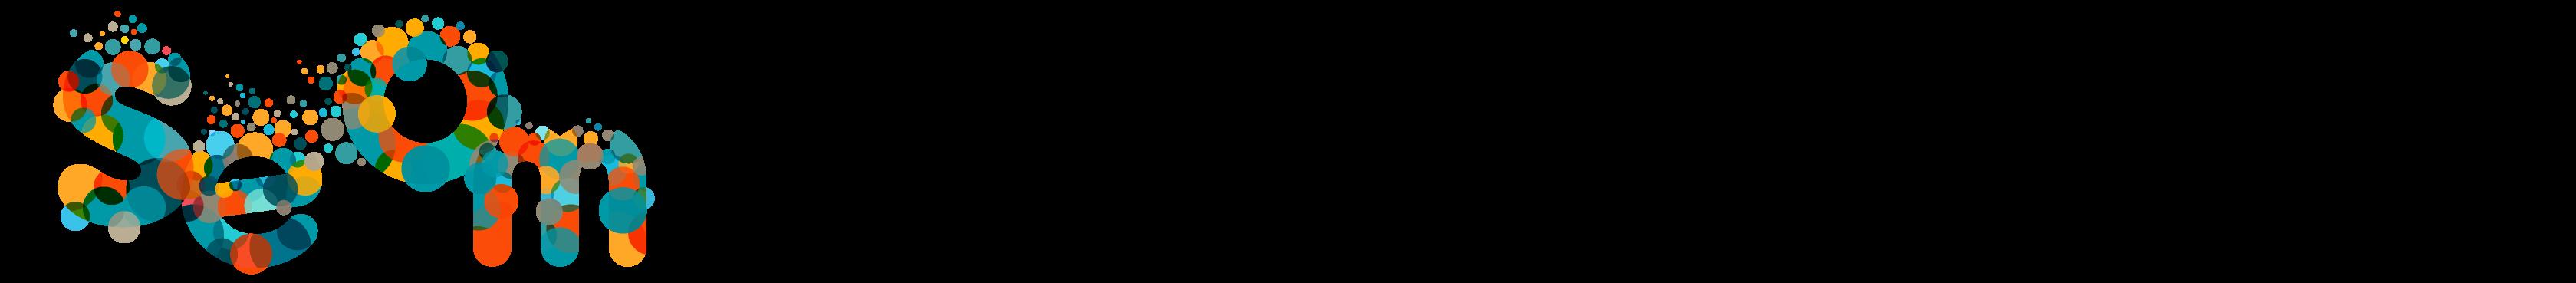 SEOM2021 Logo